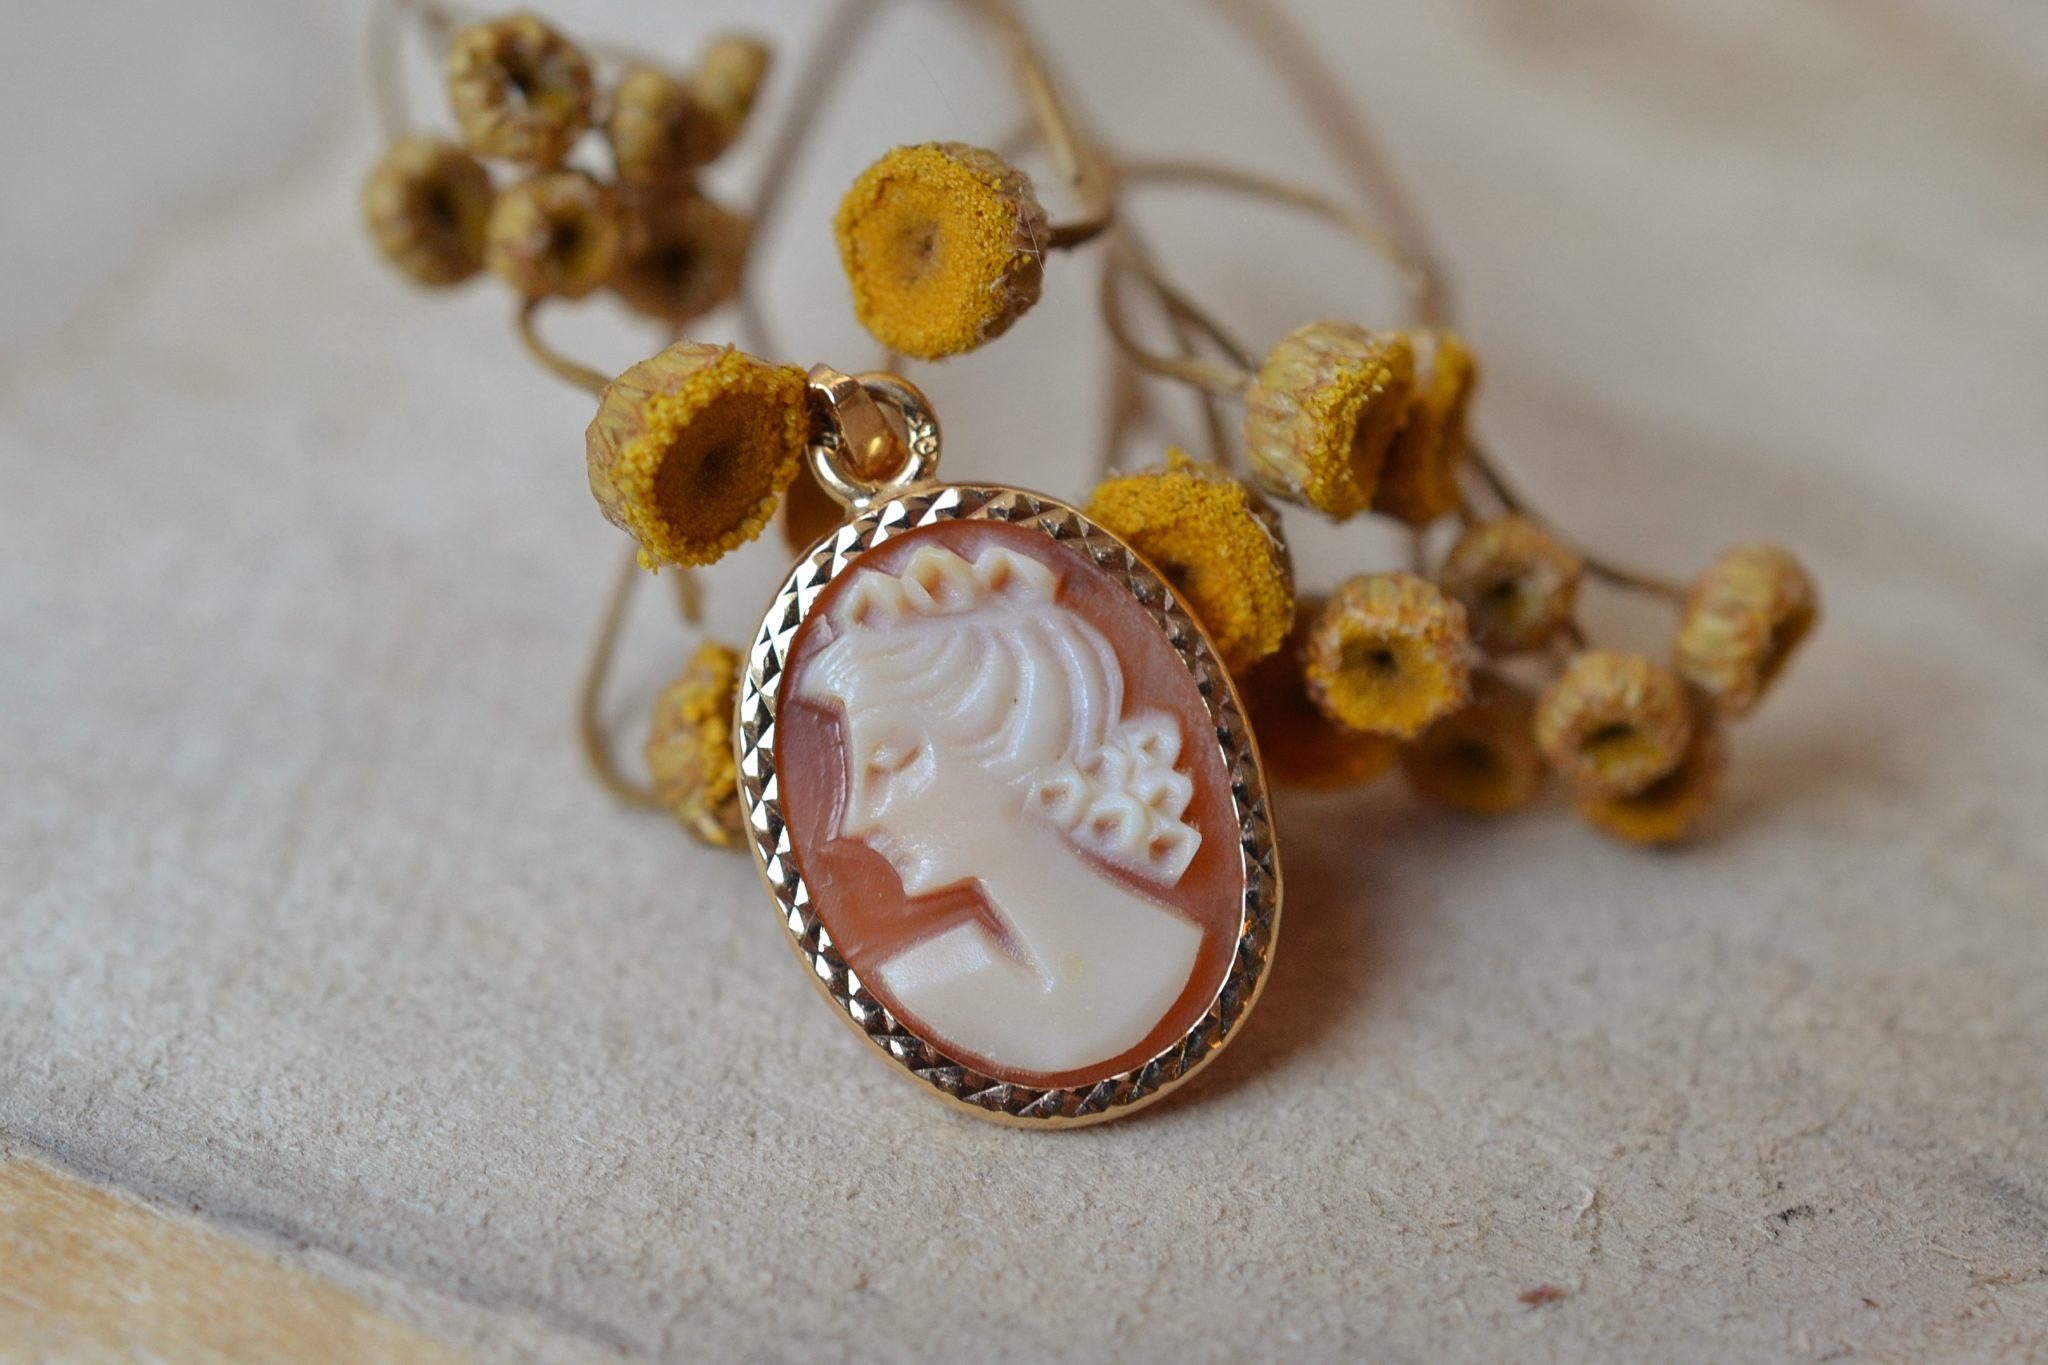 Pendentif en Or jaune serti d_un camée au profil de femme sur une monture facettée - pendentif ancien